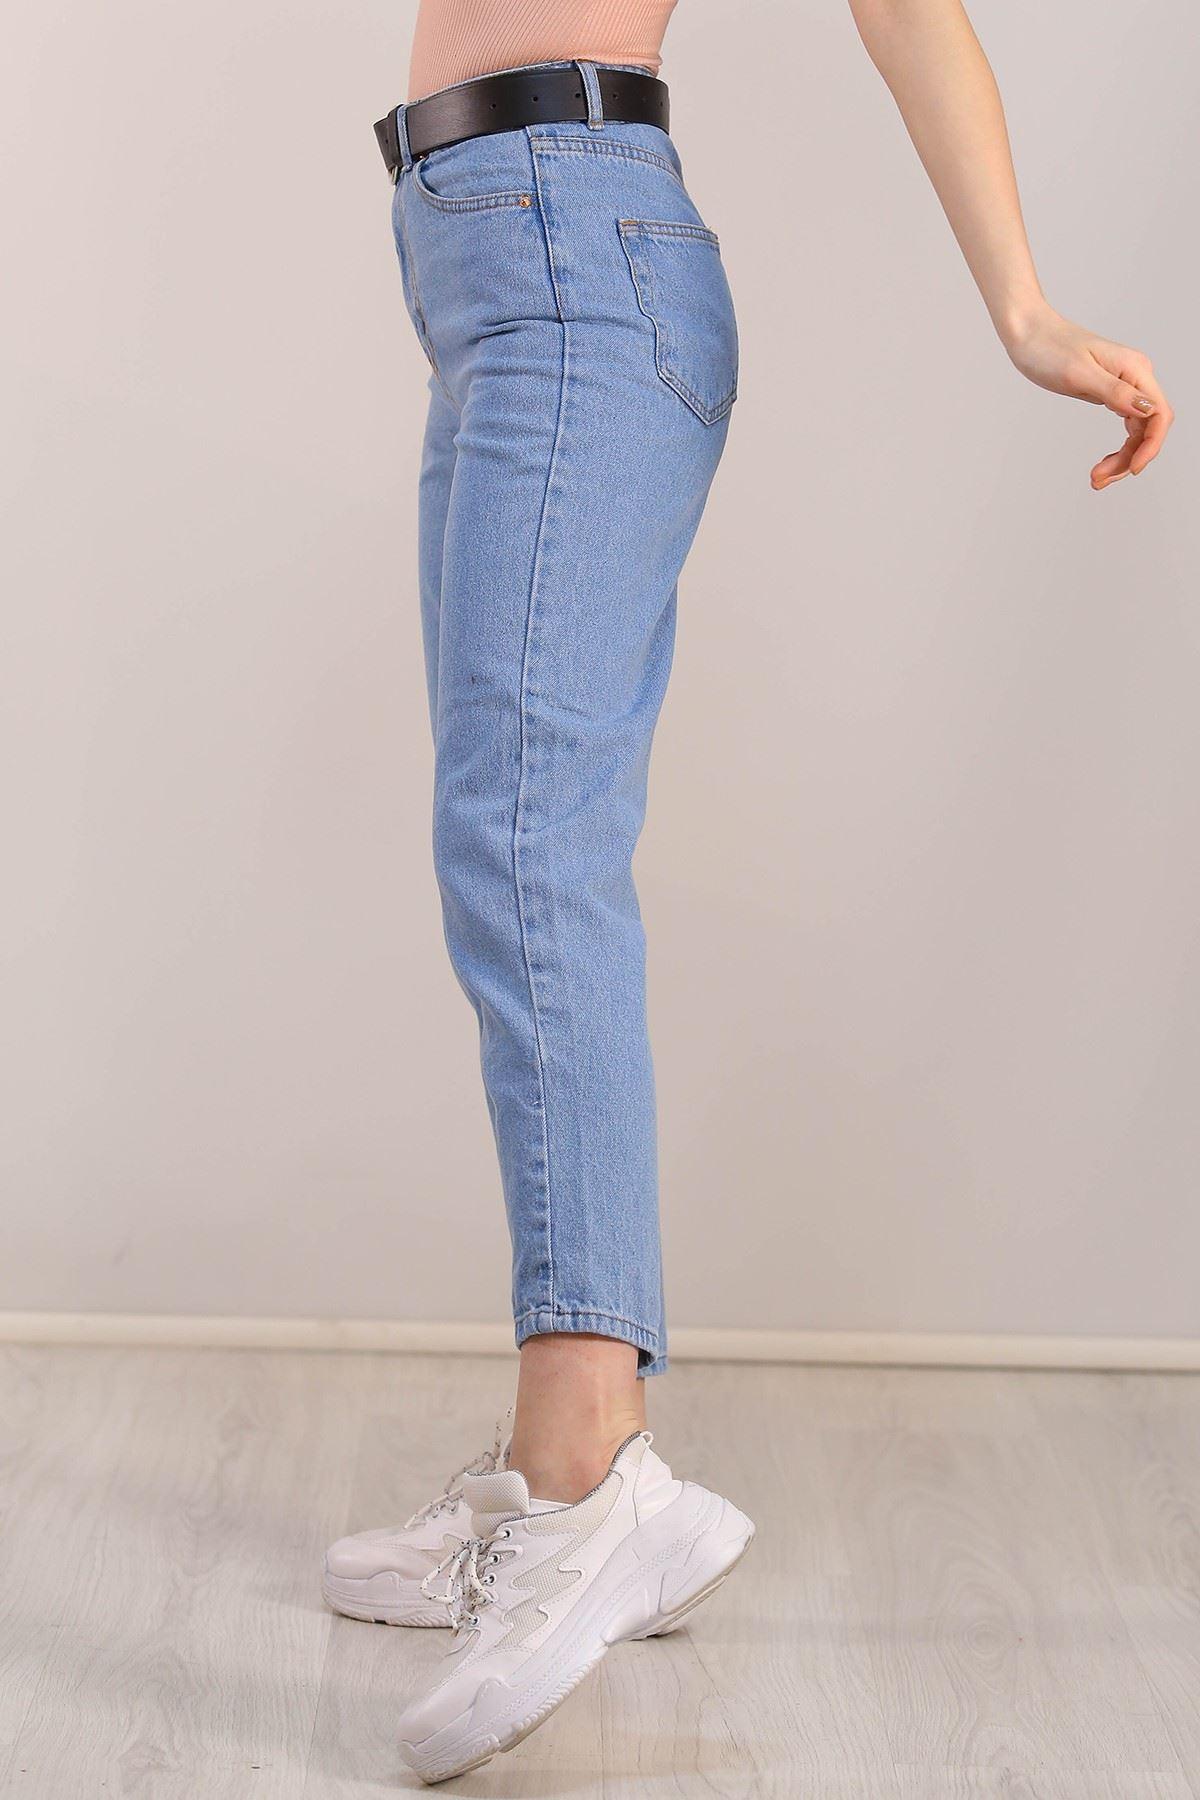 Kadın Mom Jeans Açıkmavi - 2411.392.